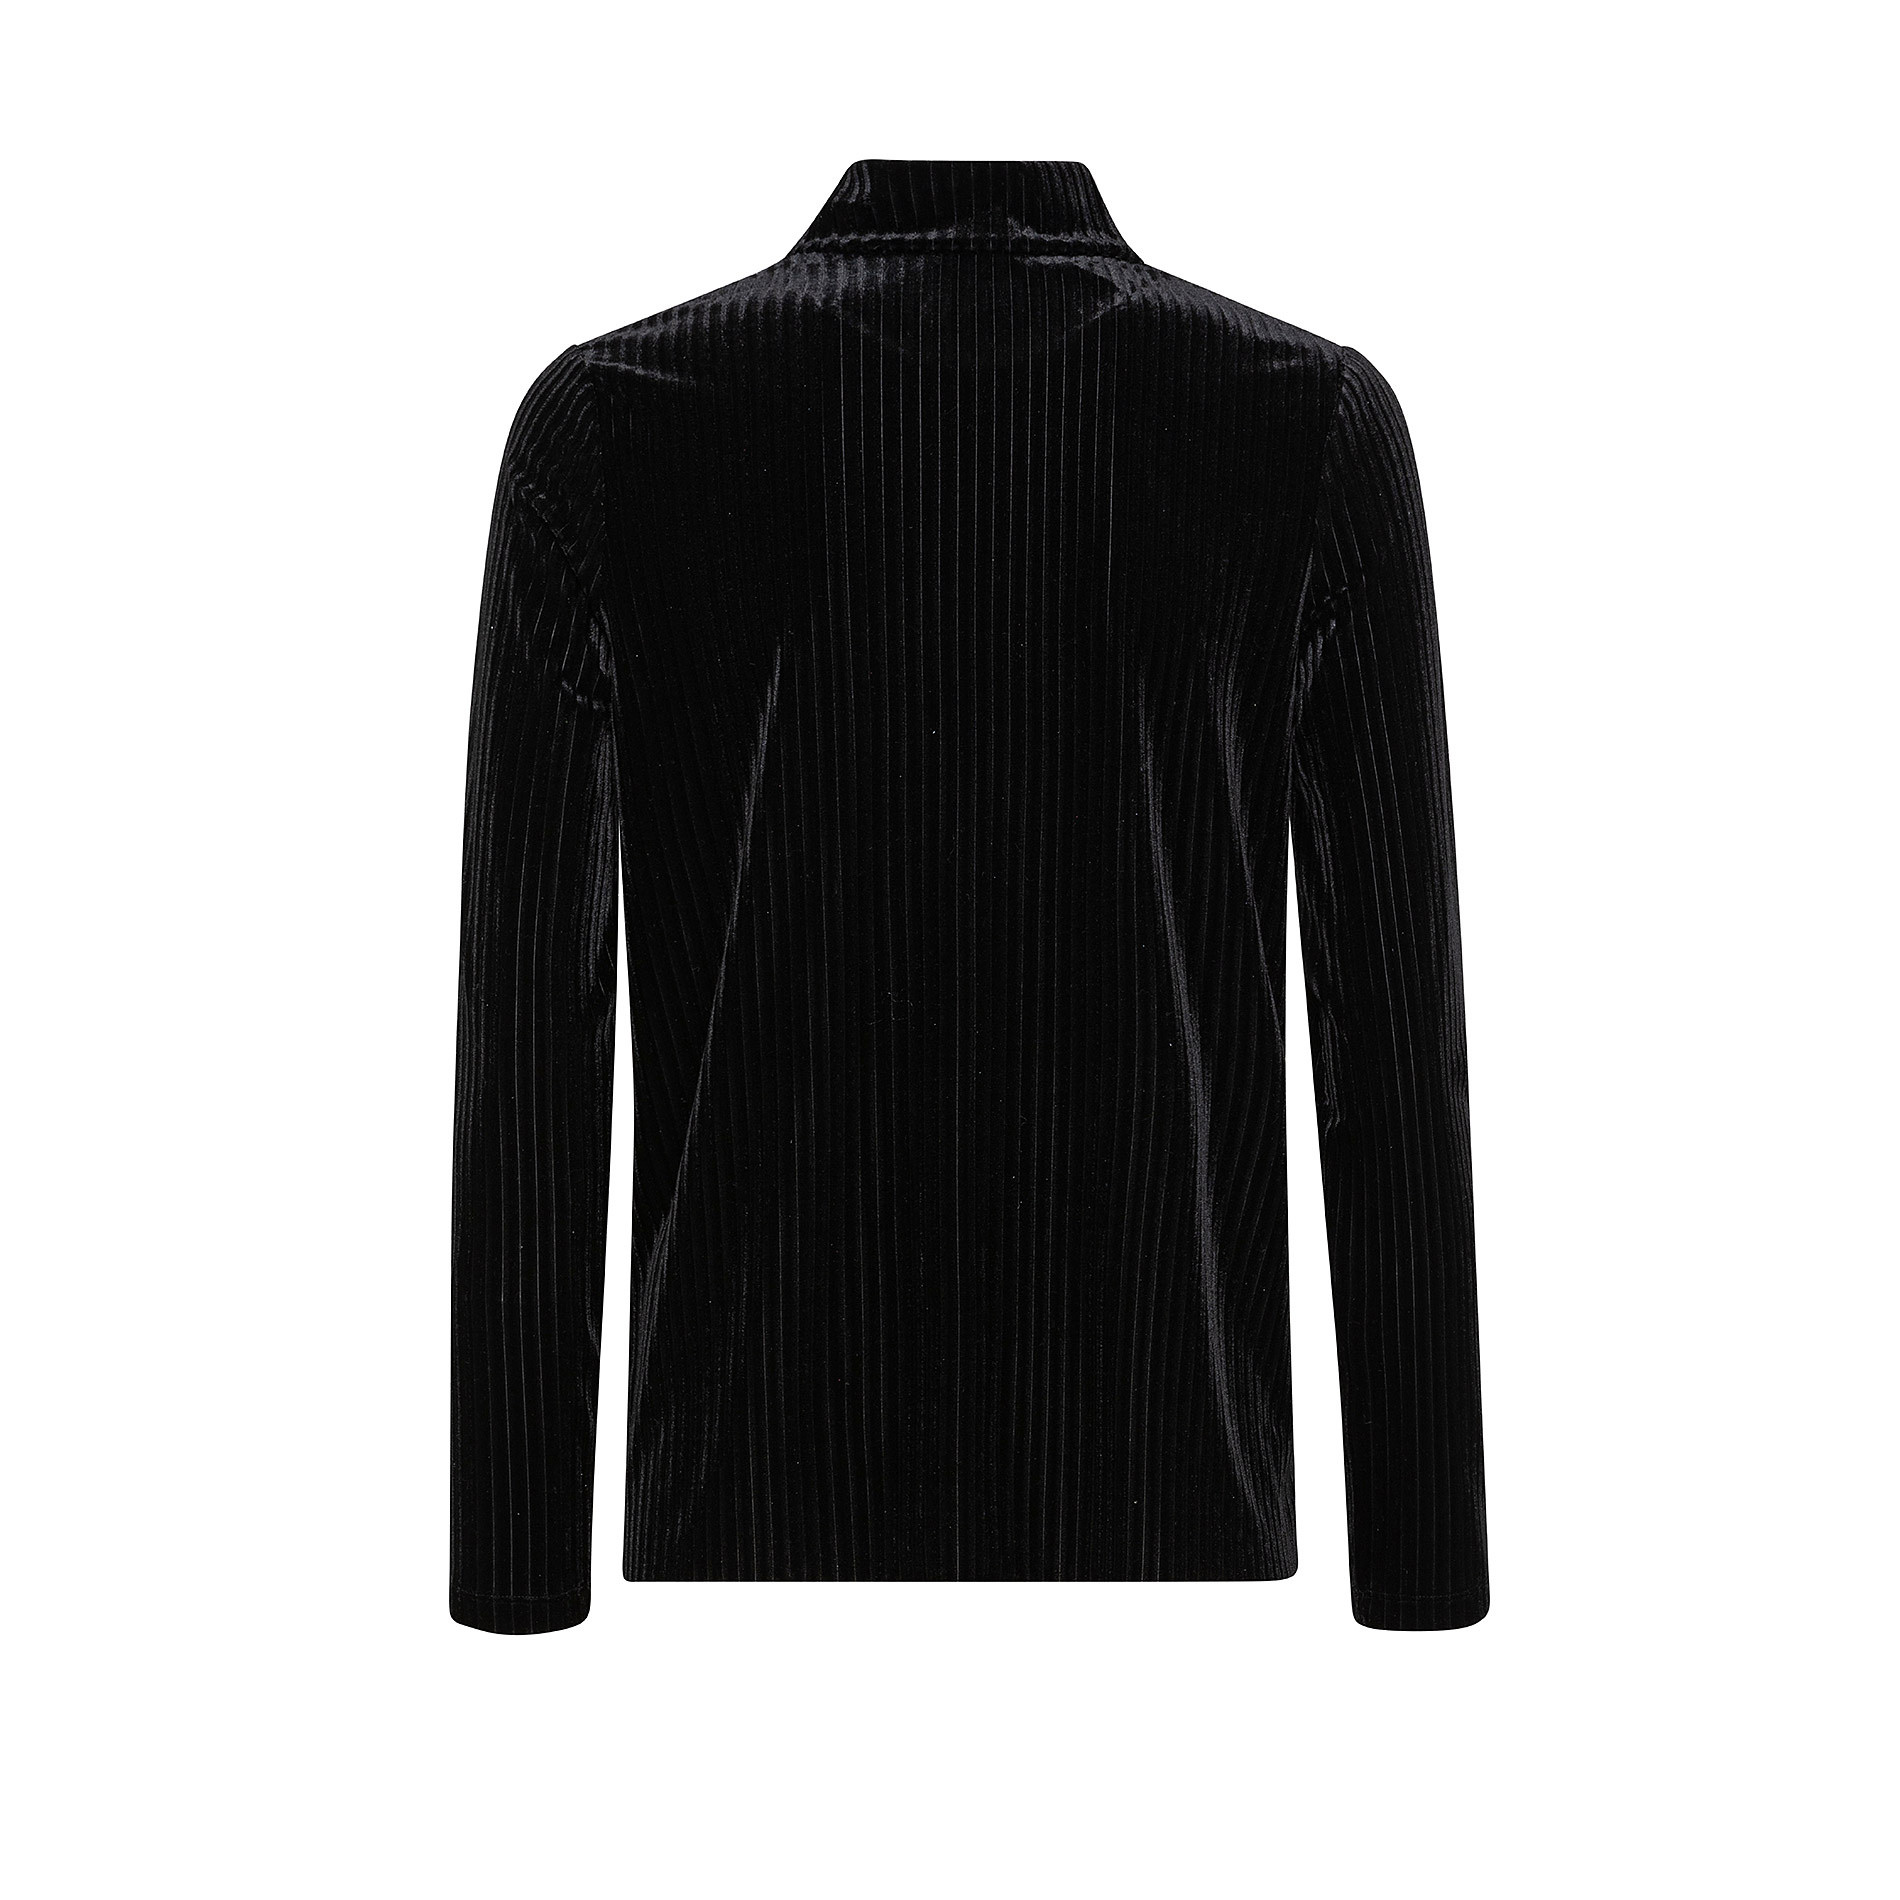 T-shirt collo alto in ciniglia, Nero, large image number 1